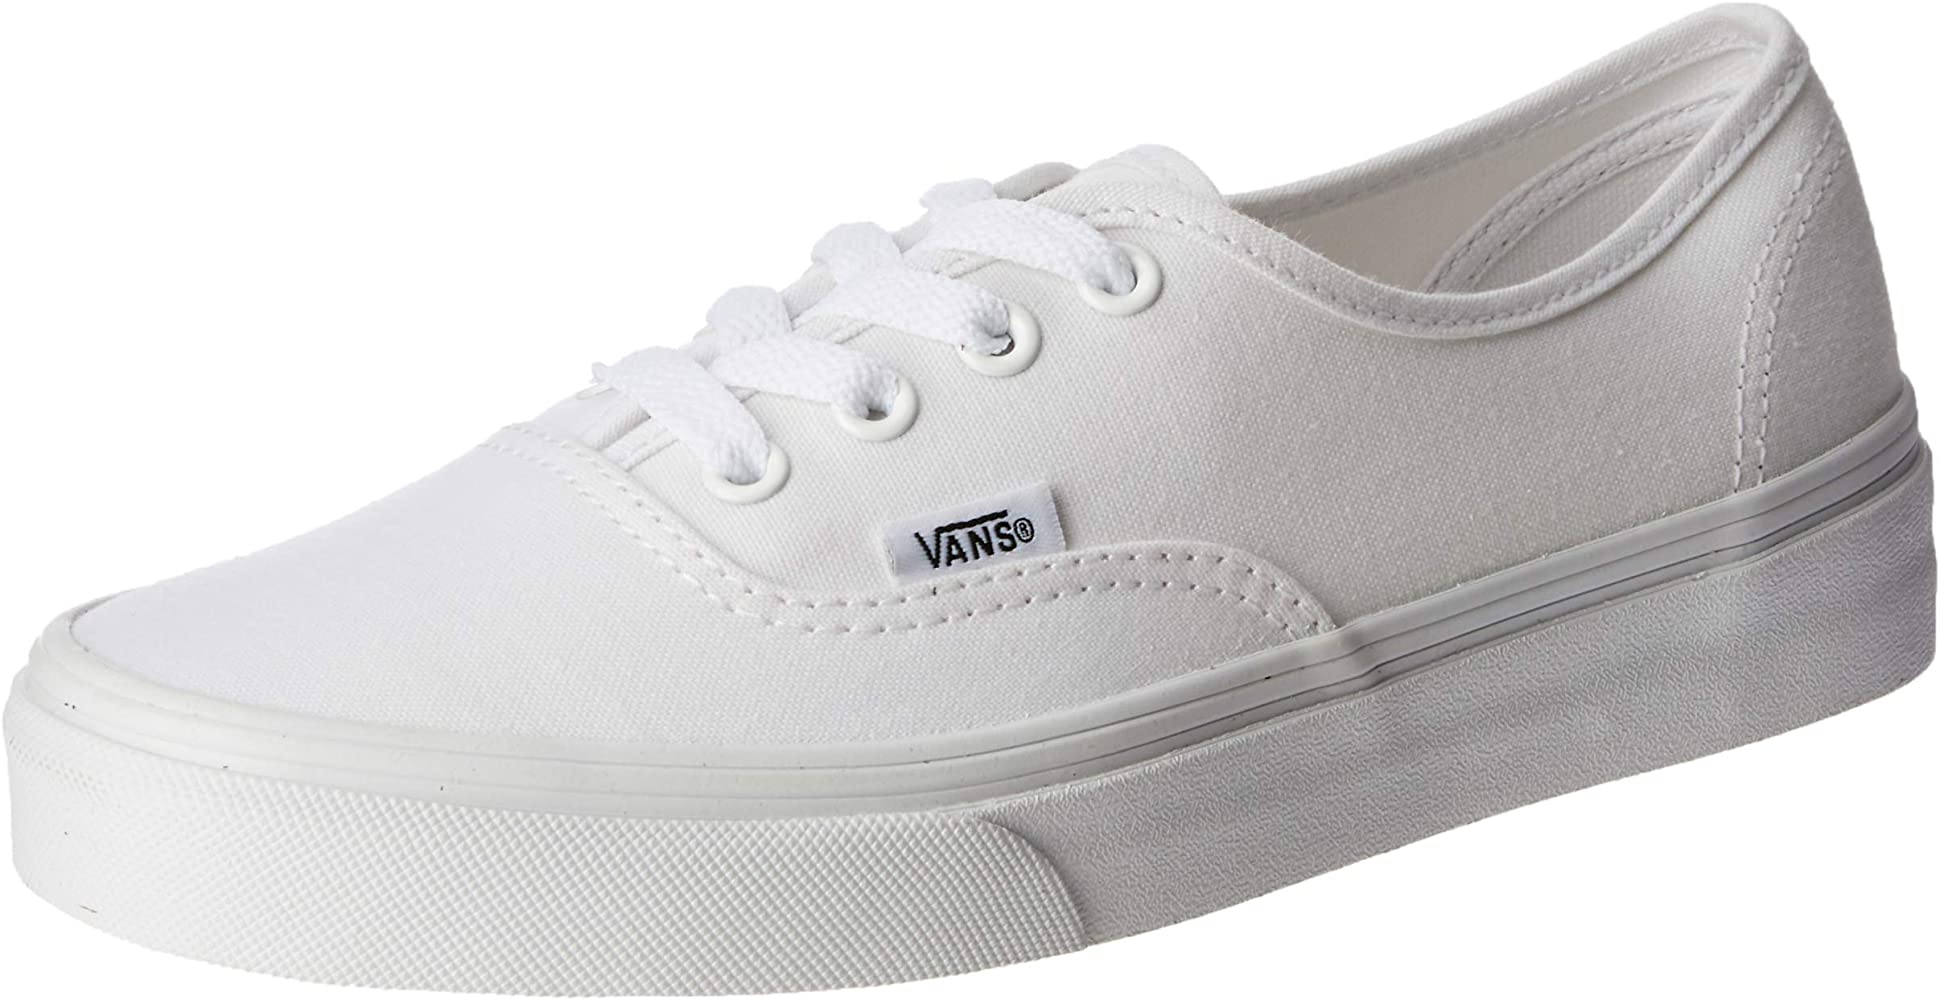 Vans Unisex Authentic Core Skate Shoes